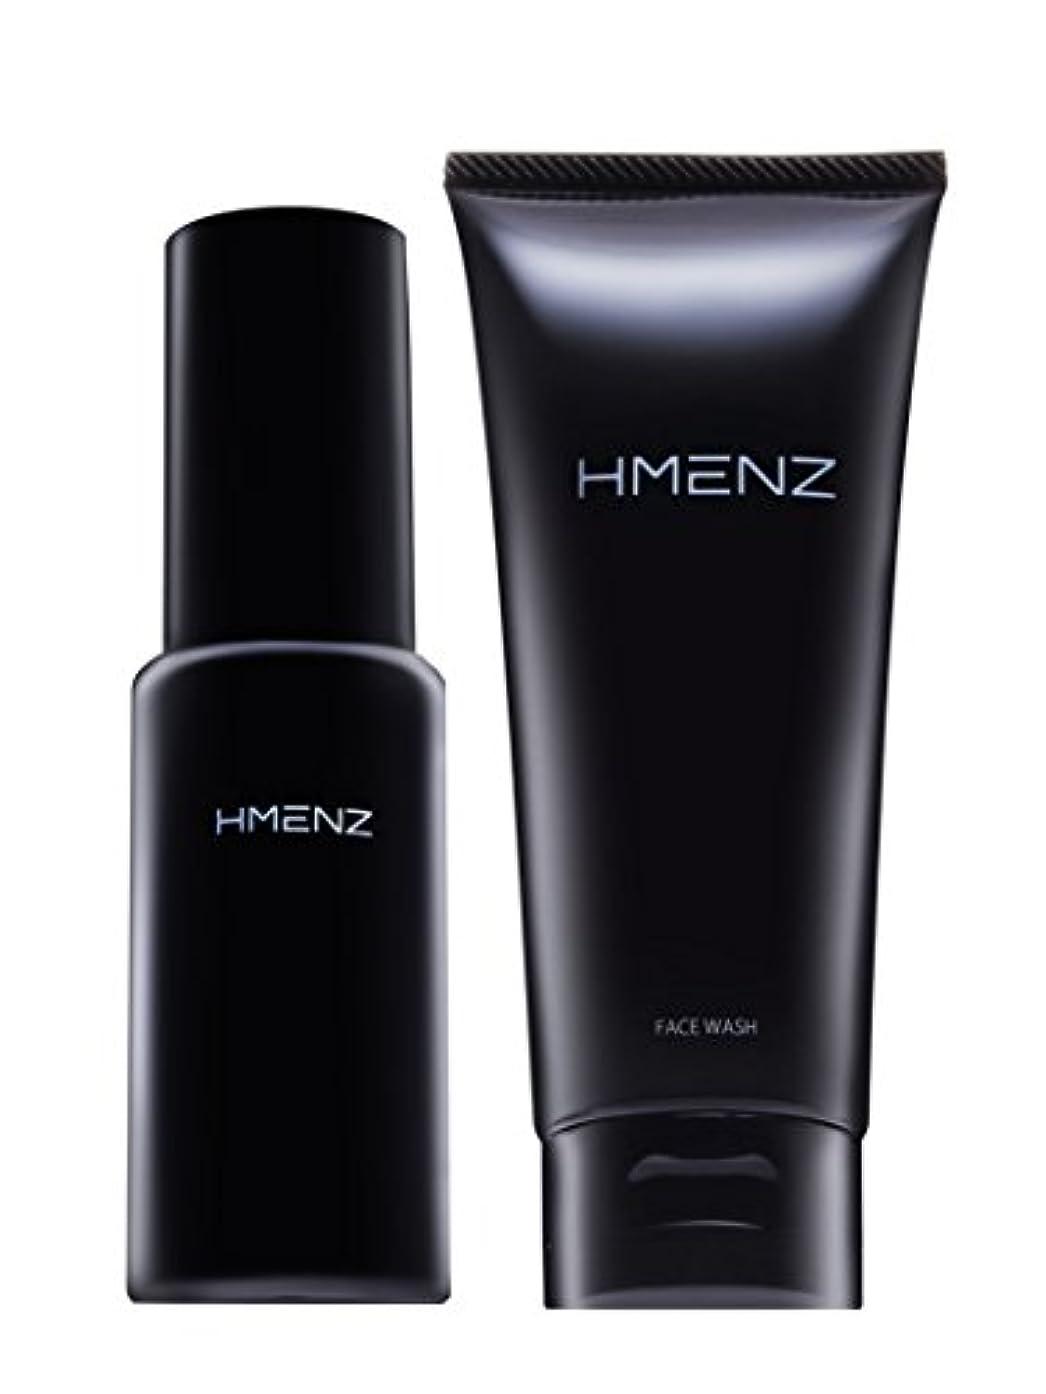 四回ダッシュアルファベット順医薬部外品【 スキンケア セット 】HMENZ メンズ 洗顔 & 美容液 乾燥肌 対策 保湿 (無添加 シミ対策 ニキビ対策 エイジングケア) 洗顔 オールインワン ジェル 100g&50ml